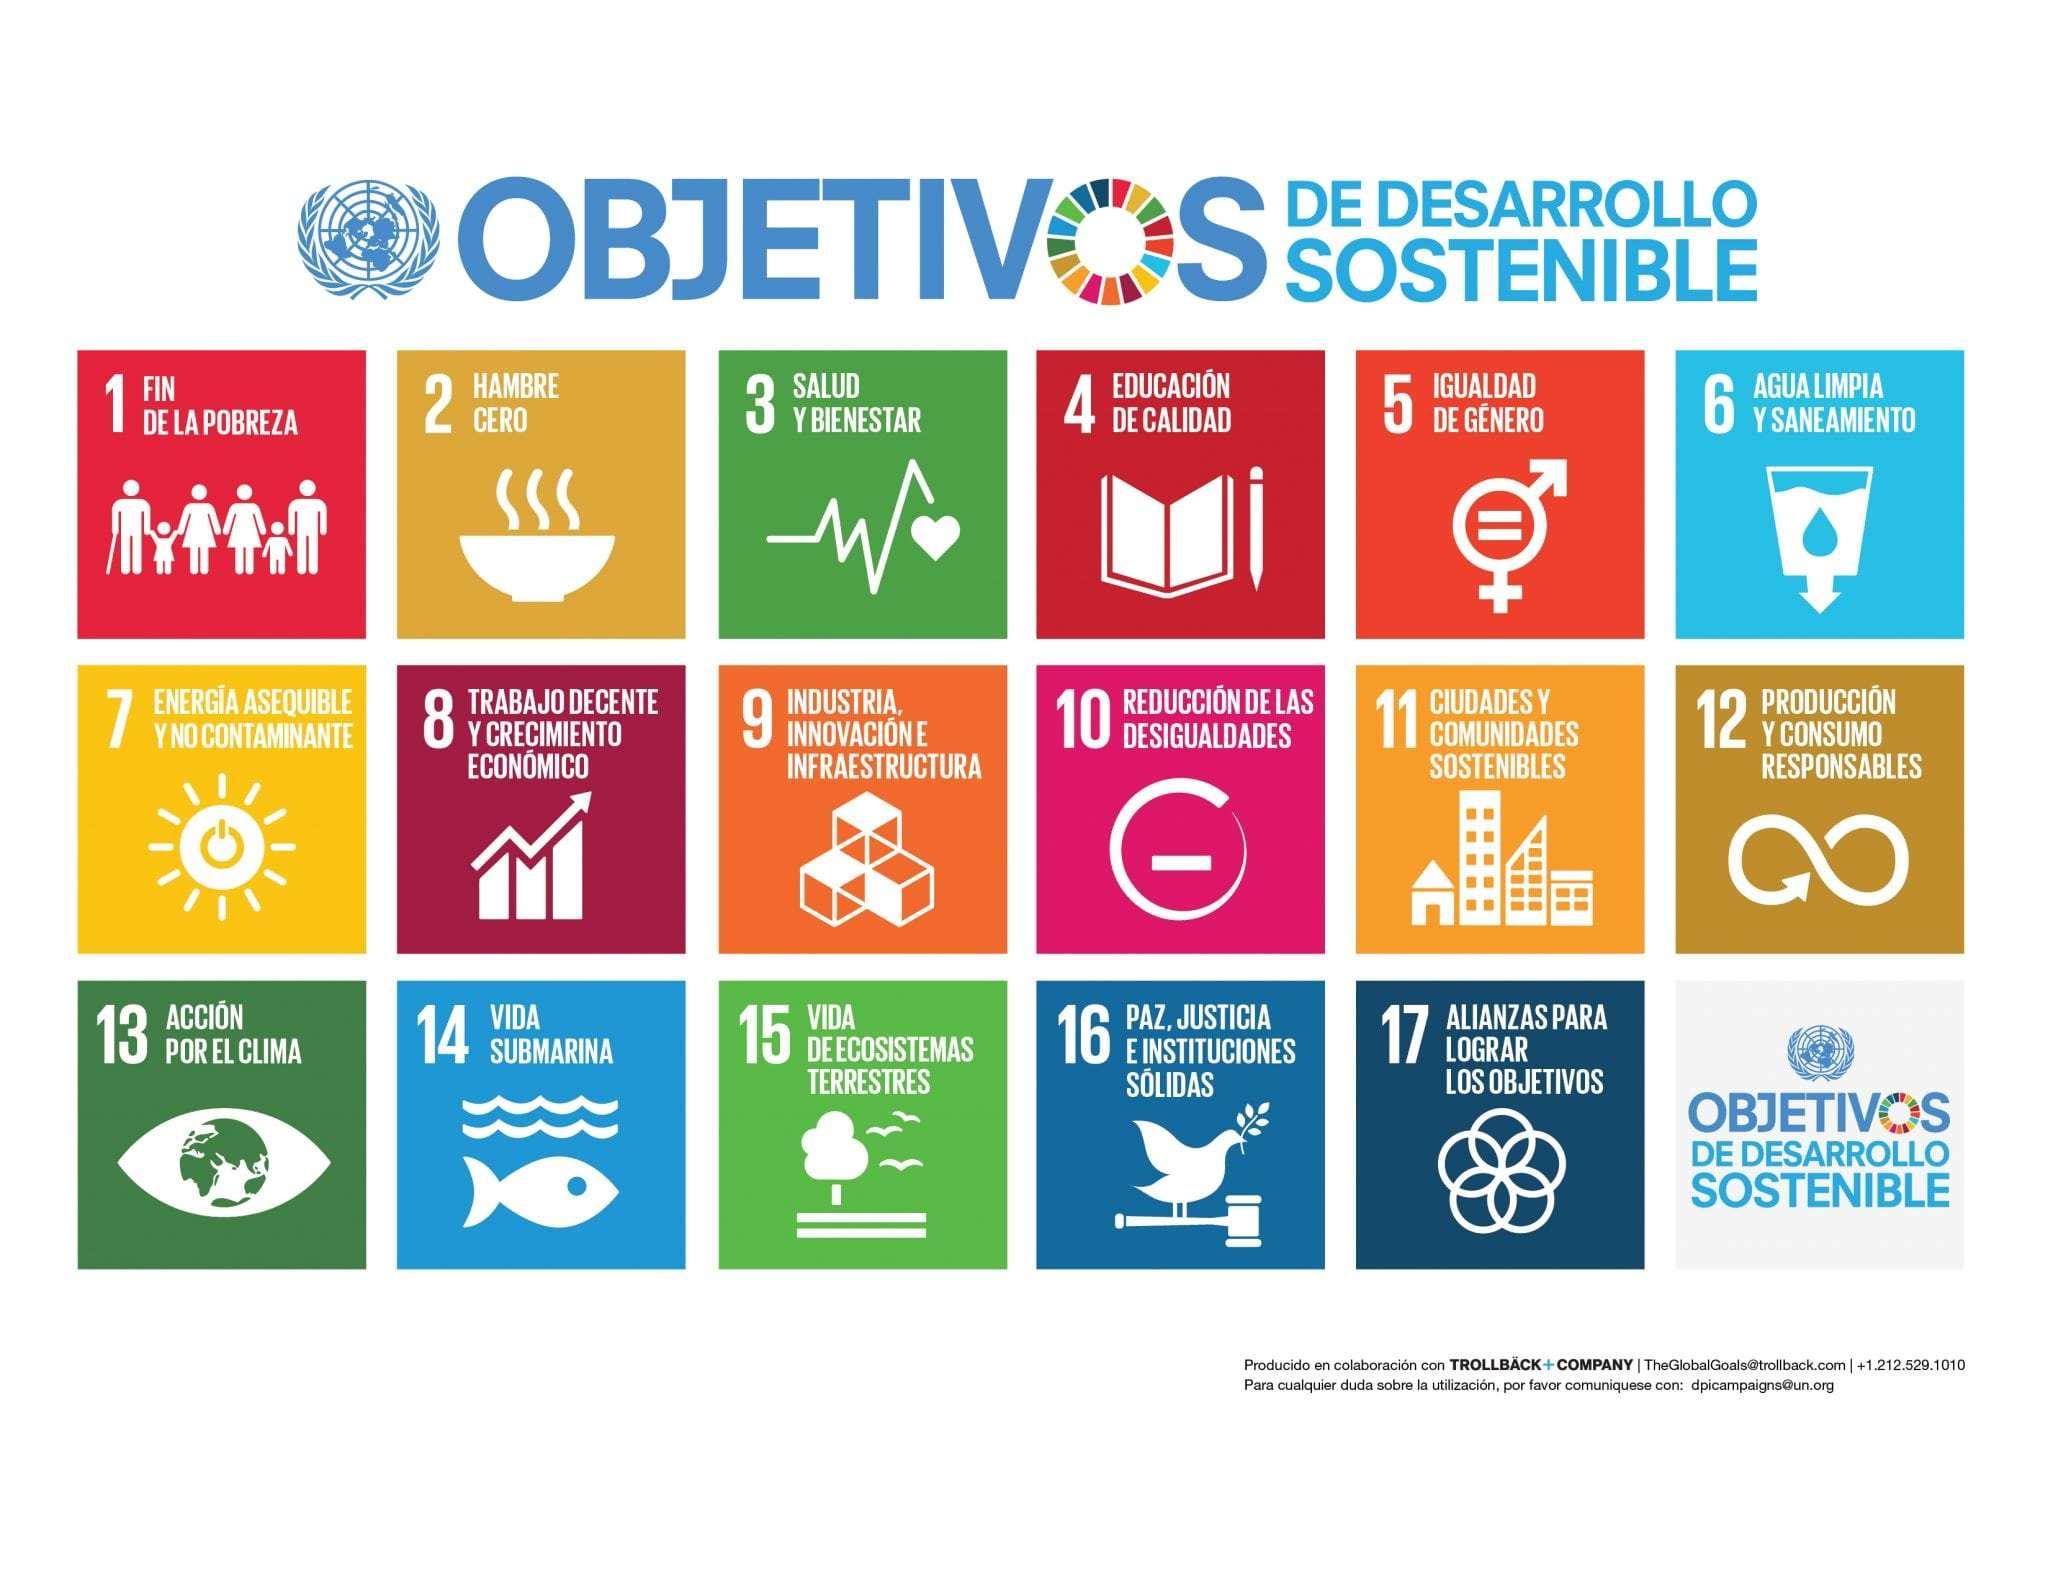 17 Objetivos de Desarrollo Sostenible para 2030 acordados por los países en la ONU